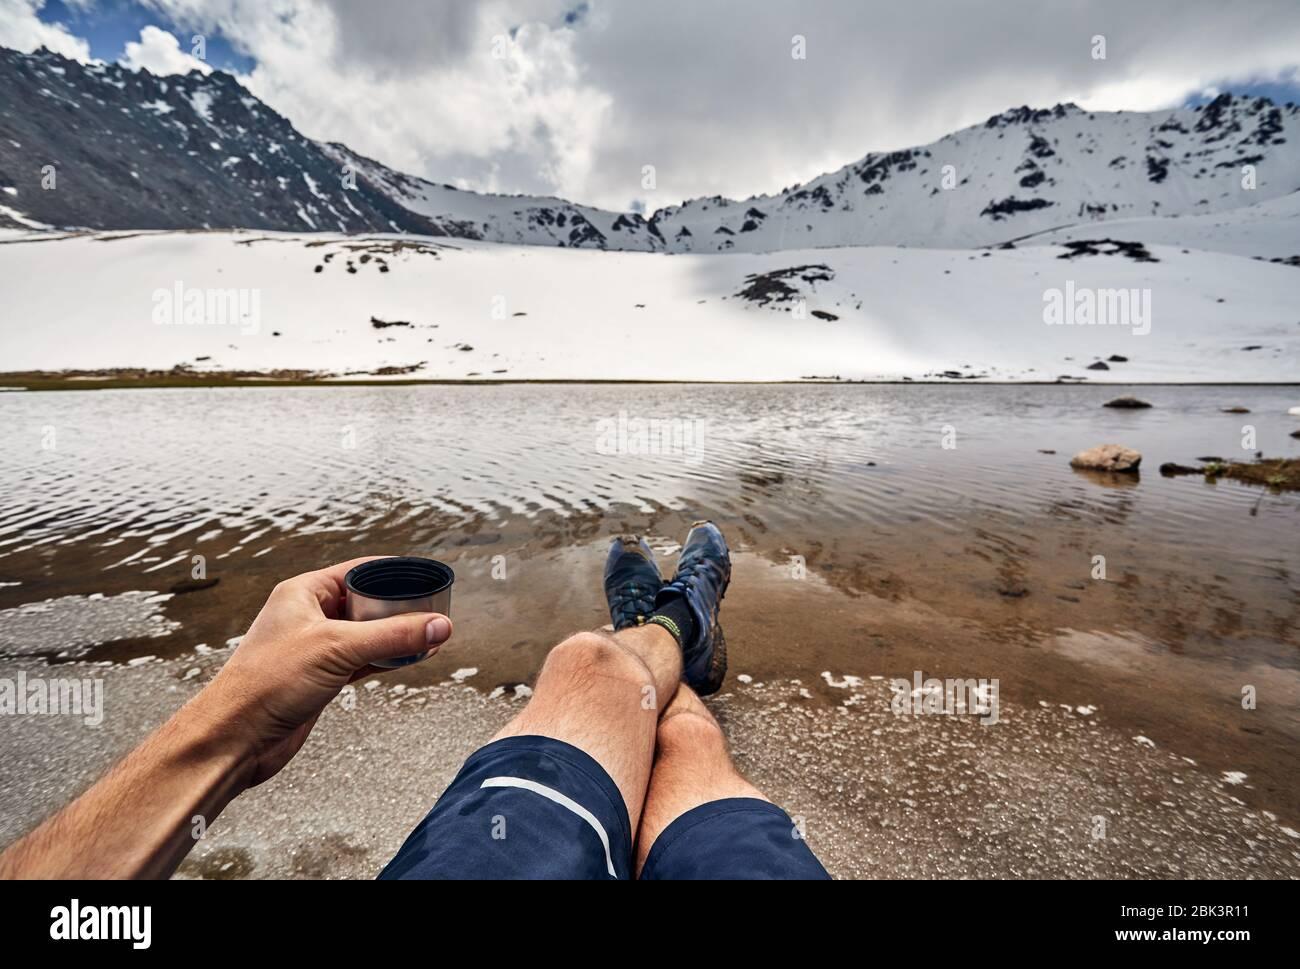 Taza de Té y las piernas del hombre en zapatos de Seguimiento y vista sobre el lago glaciar cubierto de nieve en las montañas Foto de stock